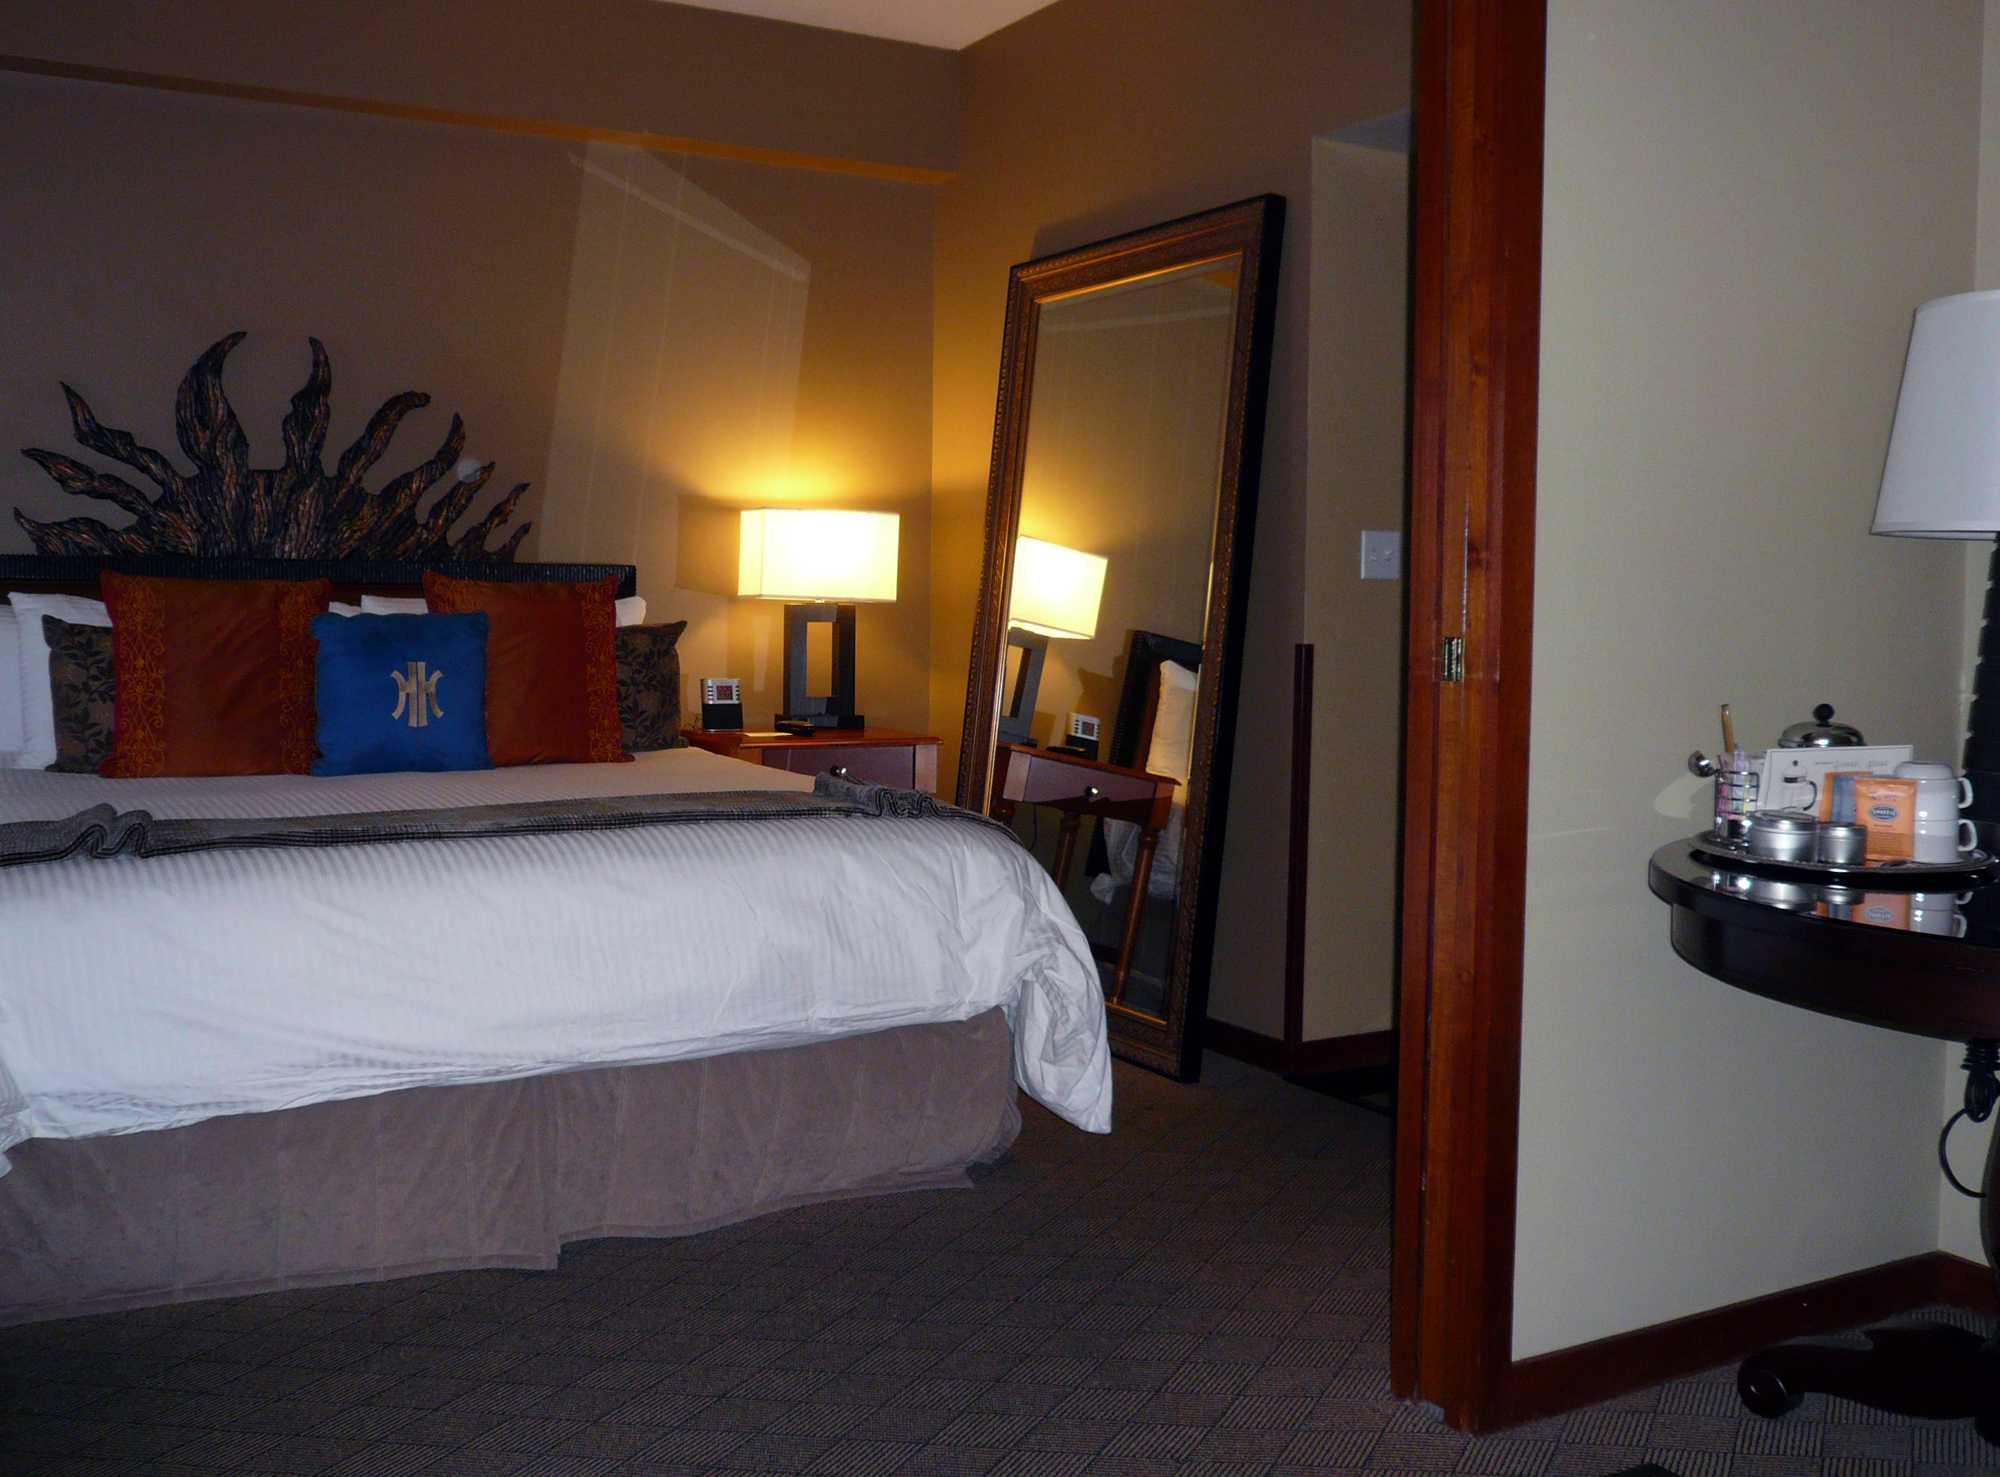 Heathman Hotel en el centro de Portland